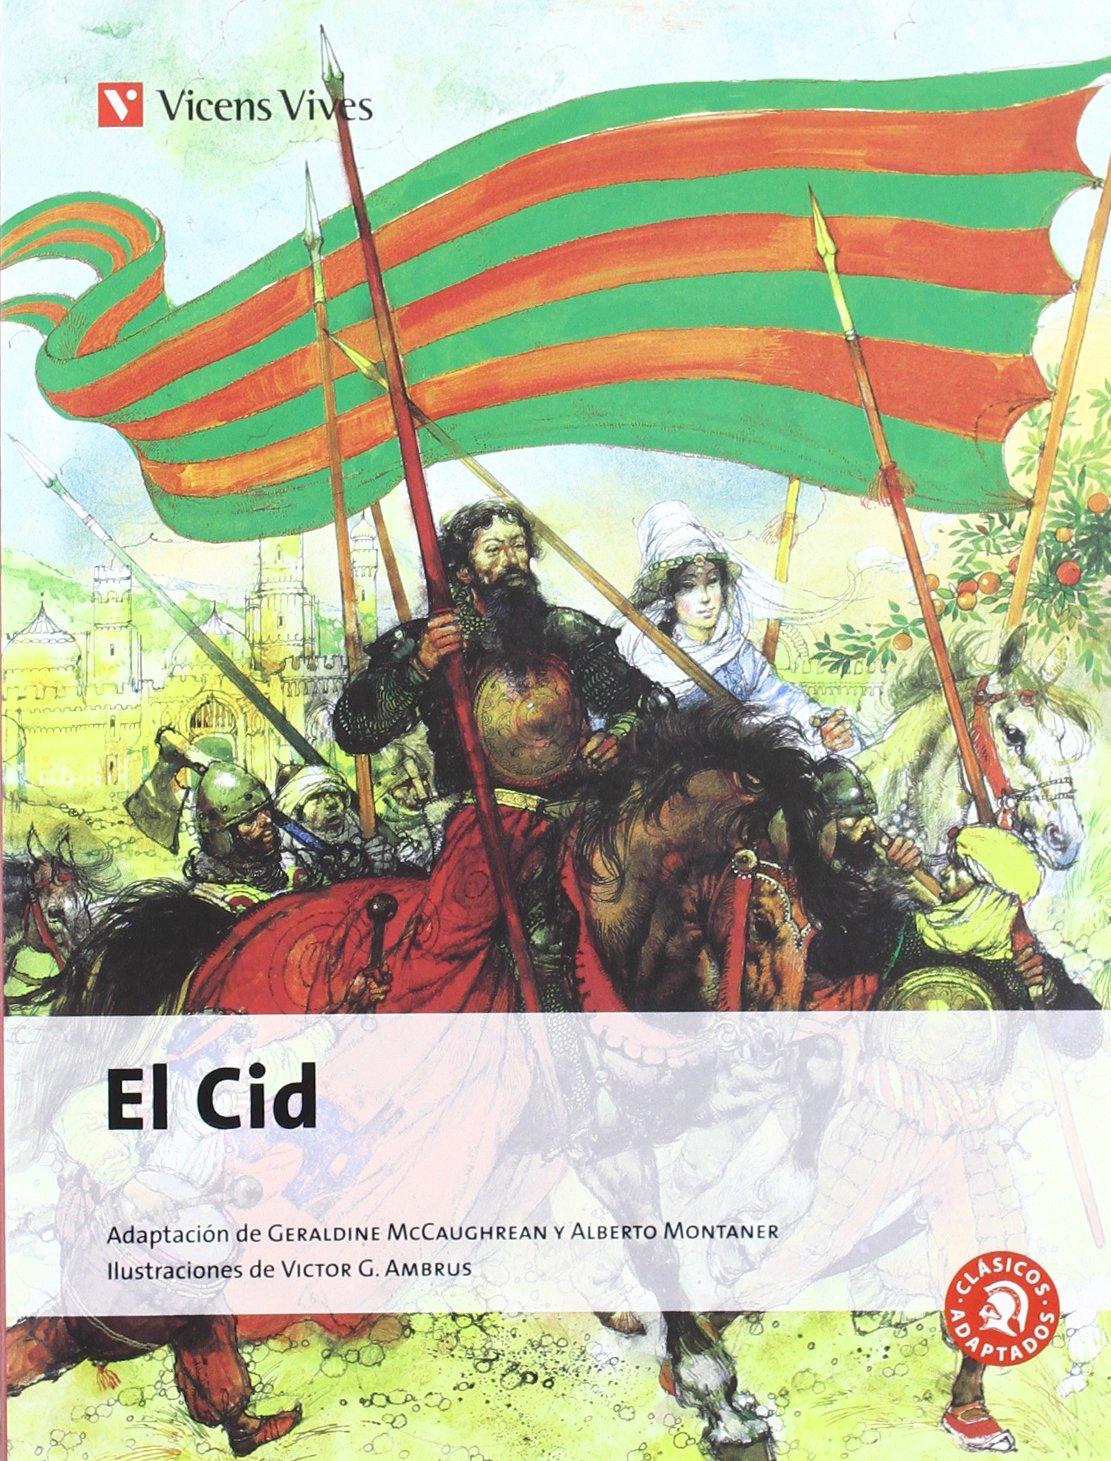 El Cid N/c (Clásicos Adaptados) - 9788468205984 Tapa blanda – 12 jul 2013 Geraldine Mccaughrean Alberto Montaner Frutos University Press Oxford Victor G Ambrus